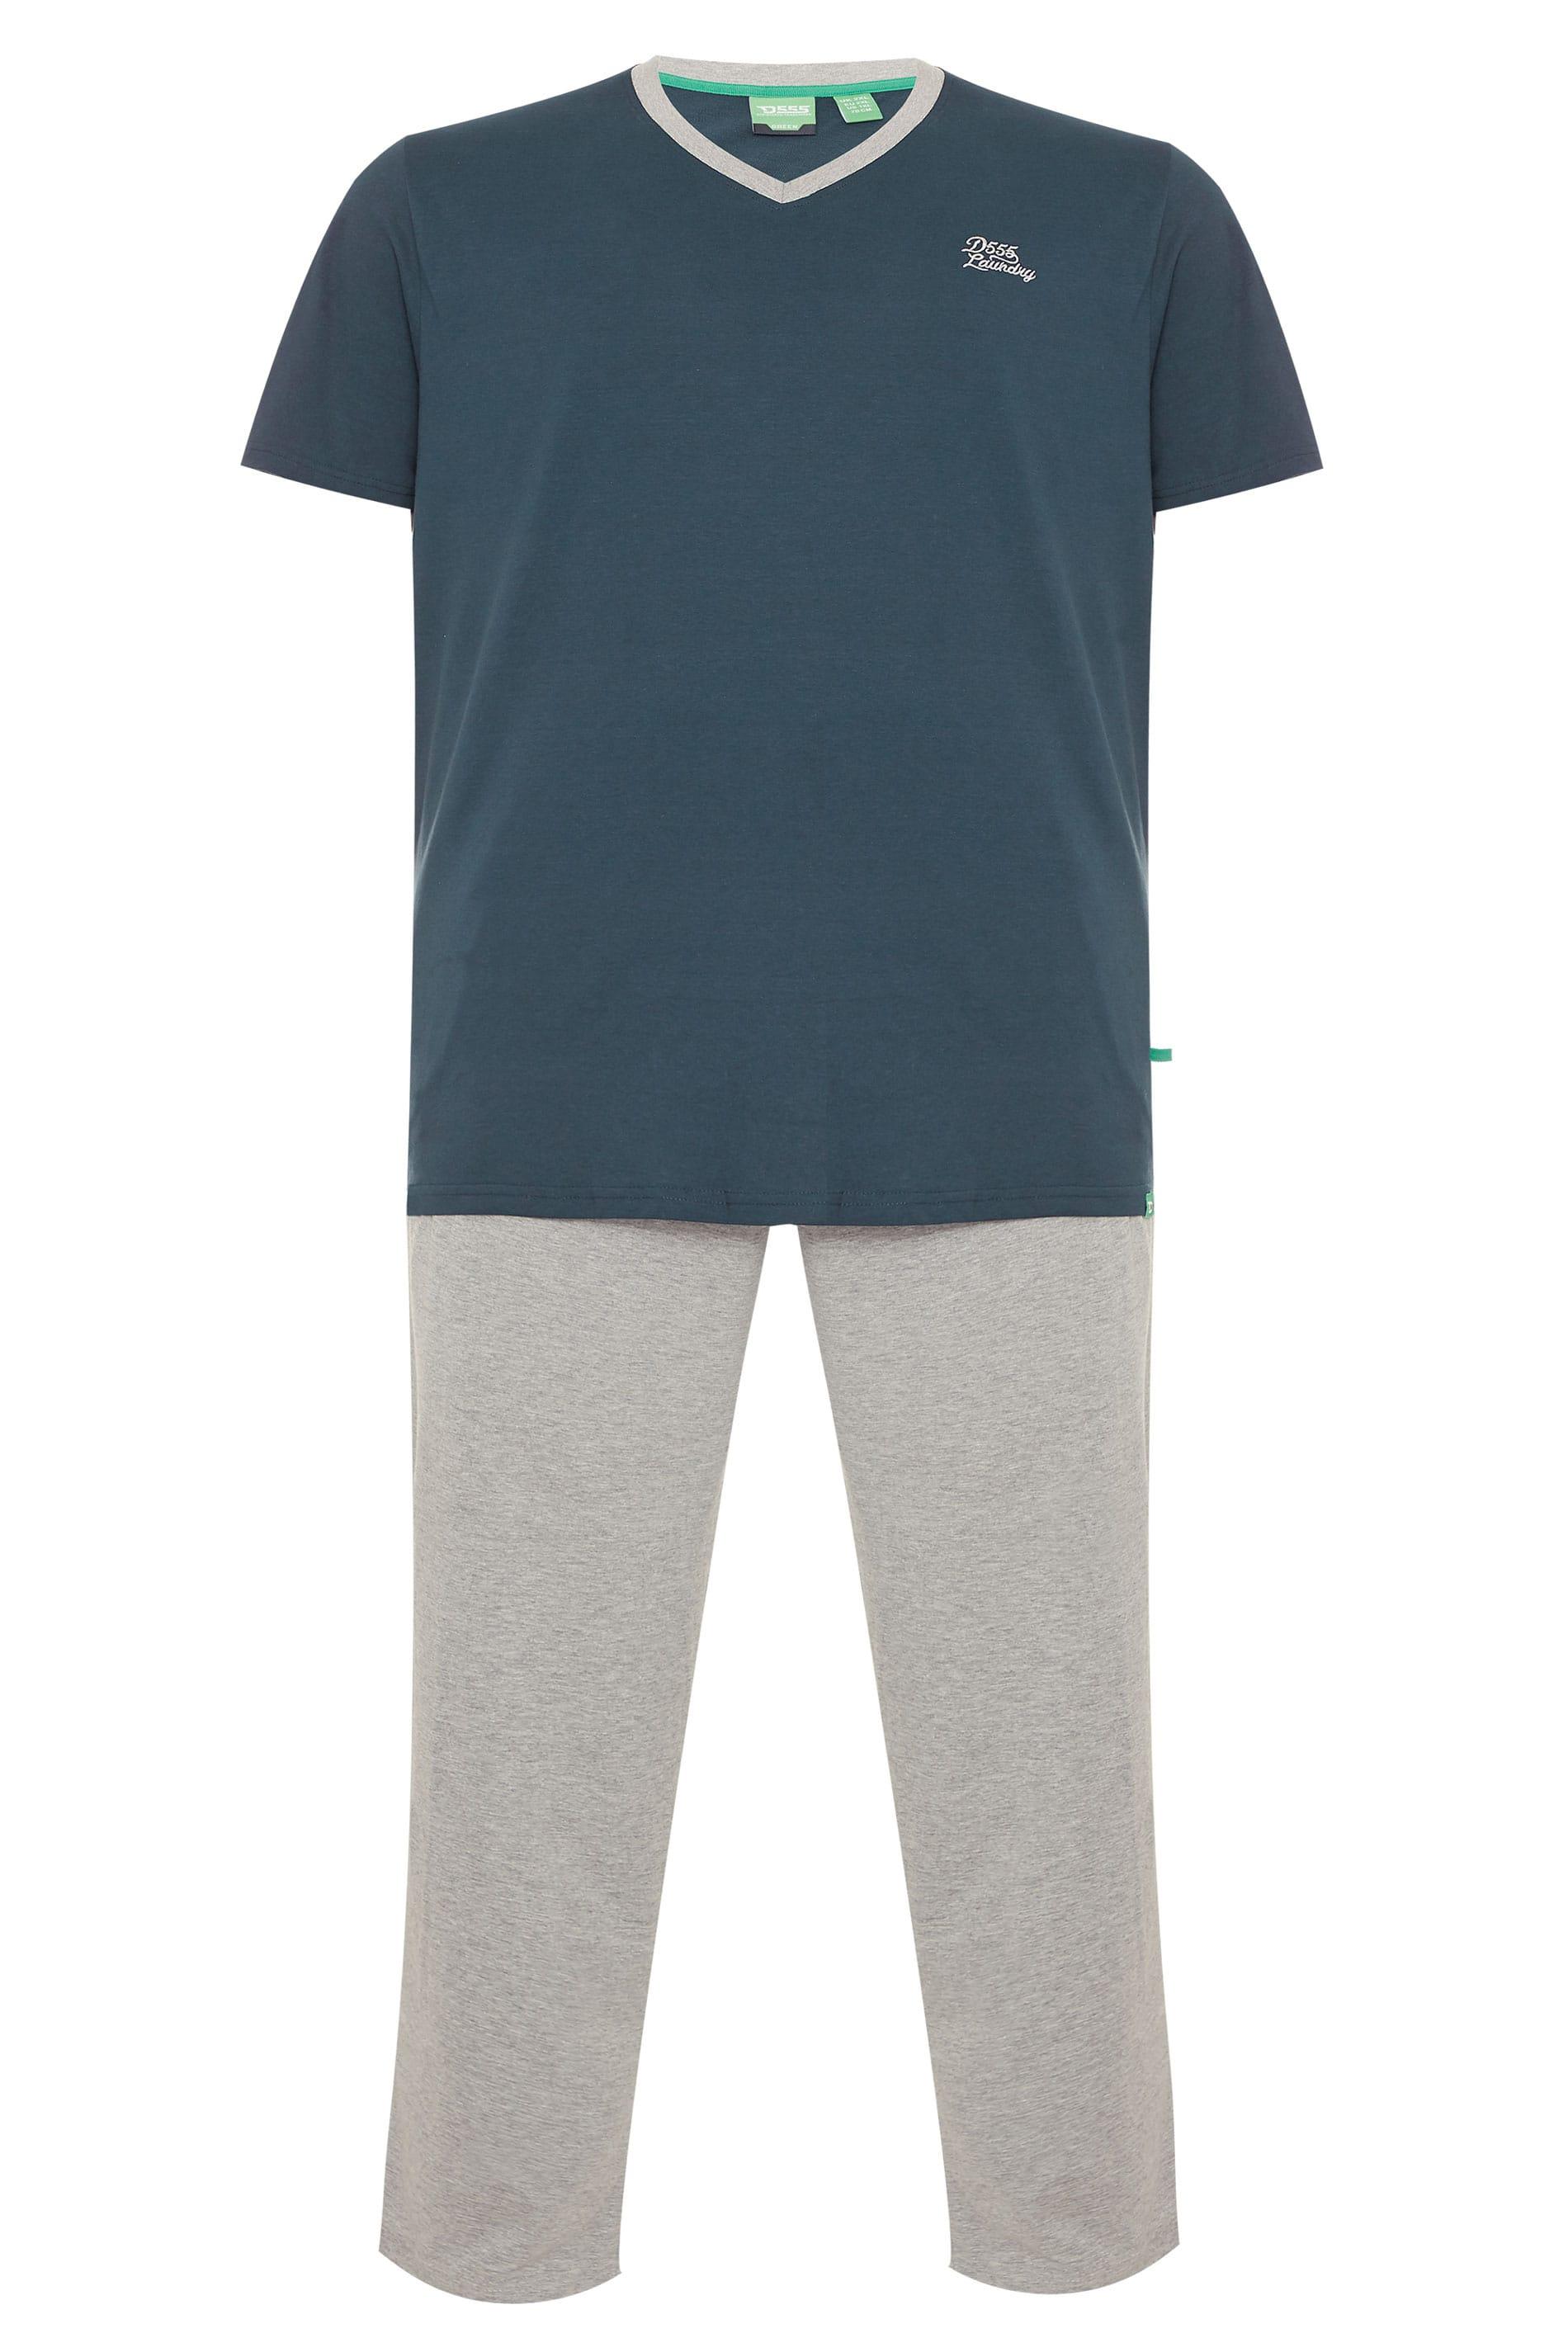 D555 Navy & Grey Pyjama Set